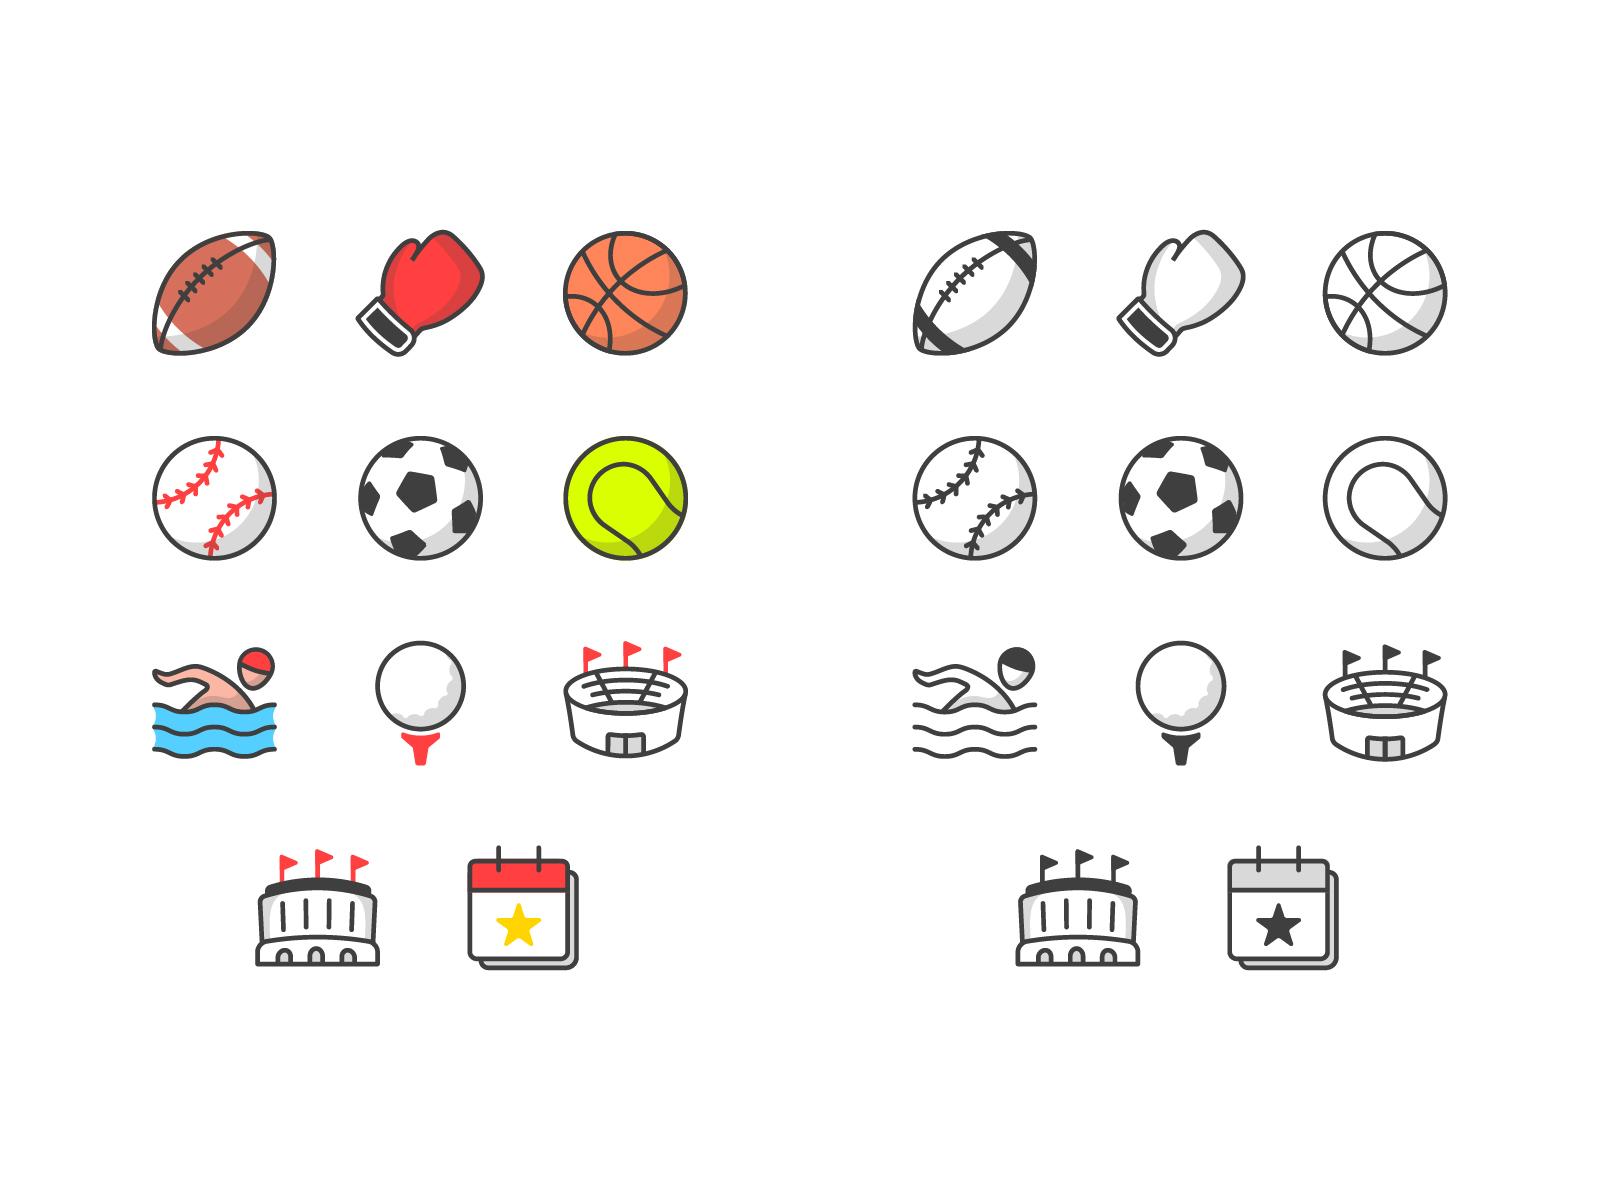 Espn icons